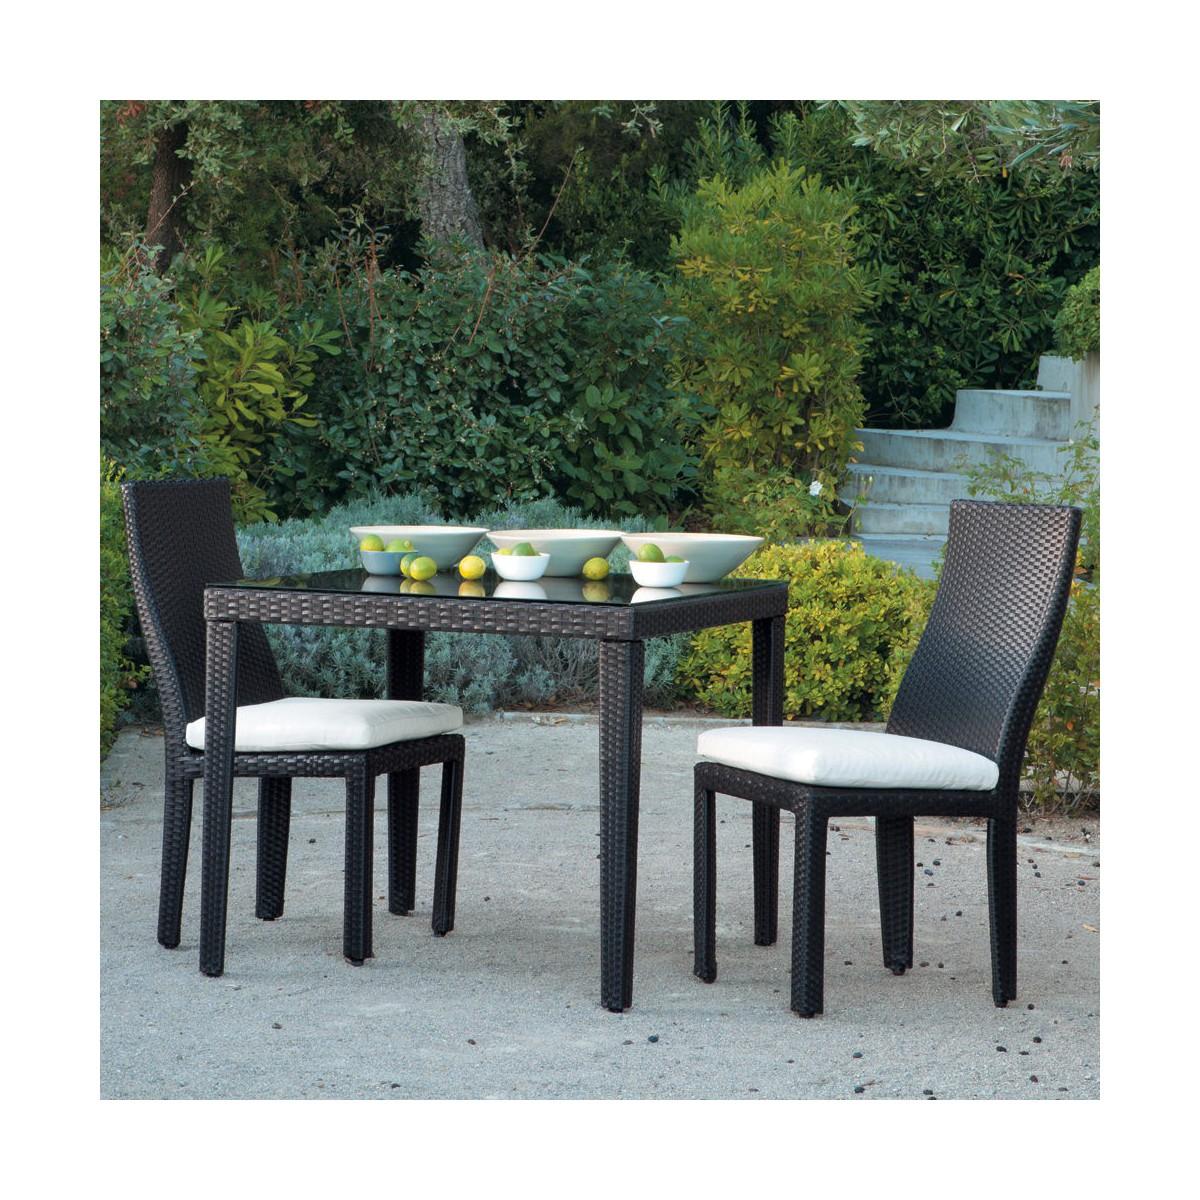 chaise de jardin + coussin en résine tressée et tissu noire - Table Et Chaise De Jardin En Resine Tressee